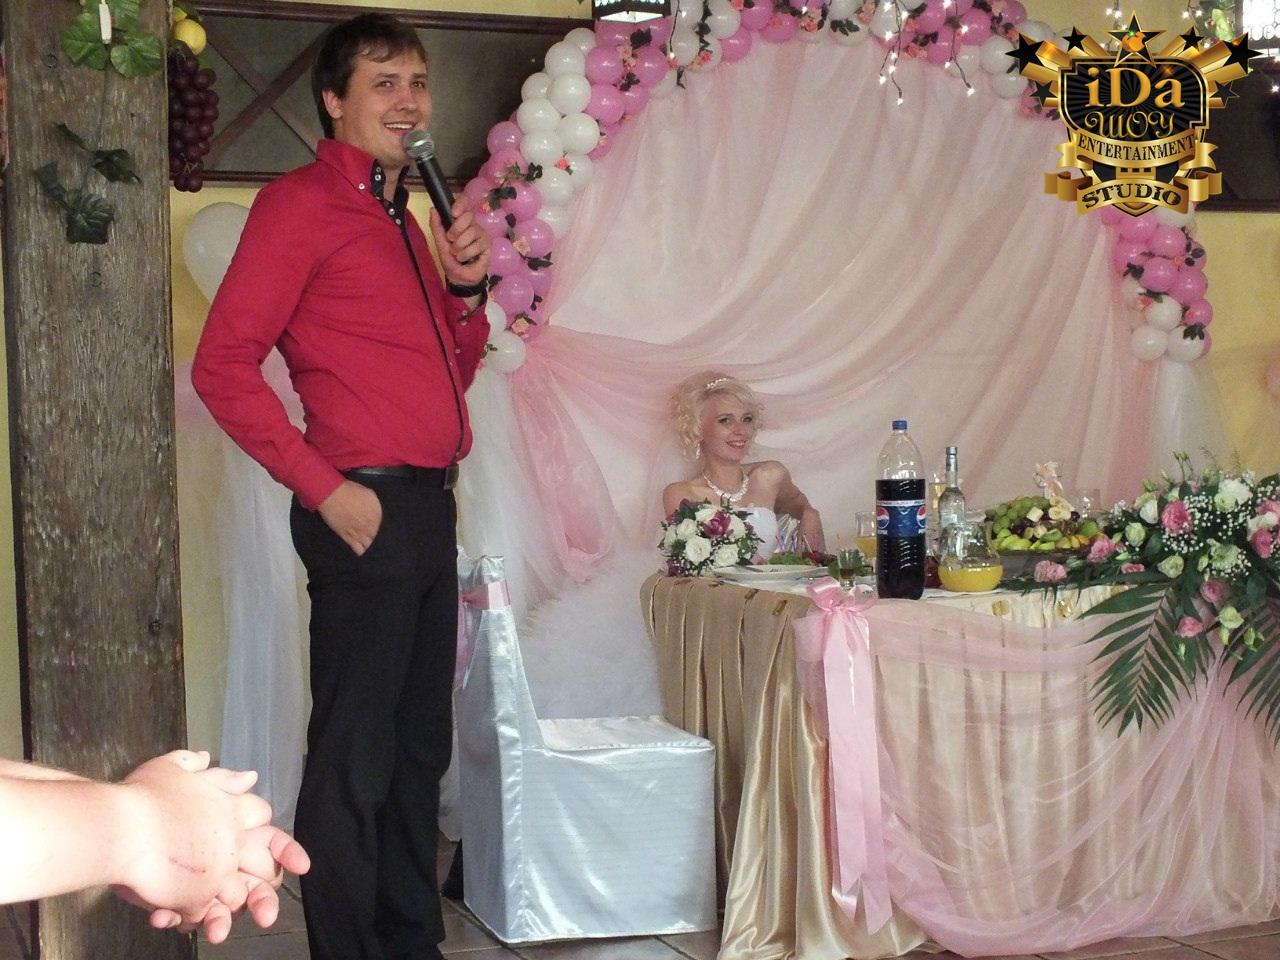 Строгое жюри на свадьбе судит конкурс для жениха